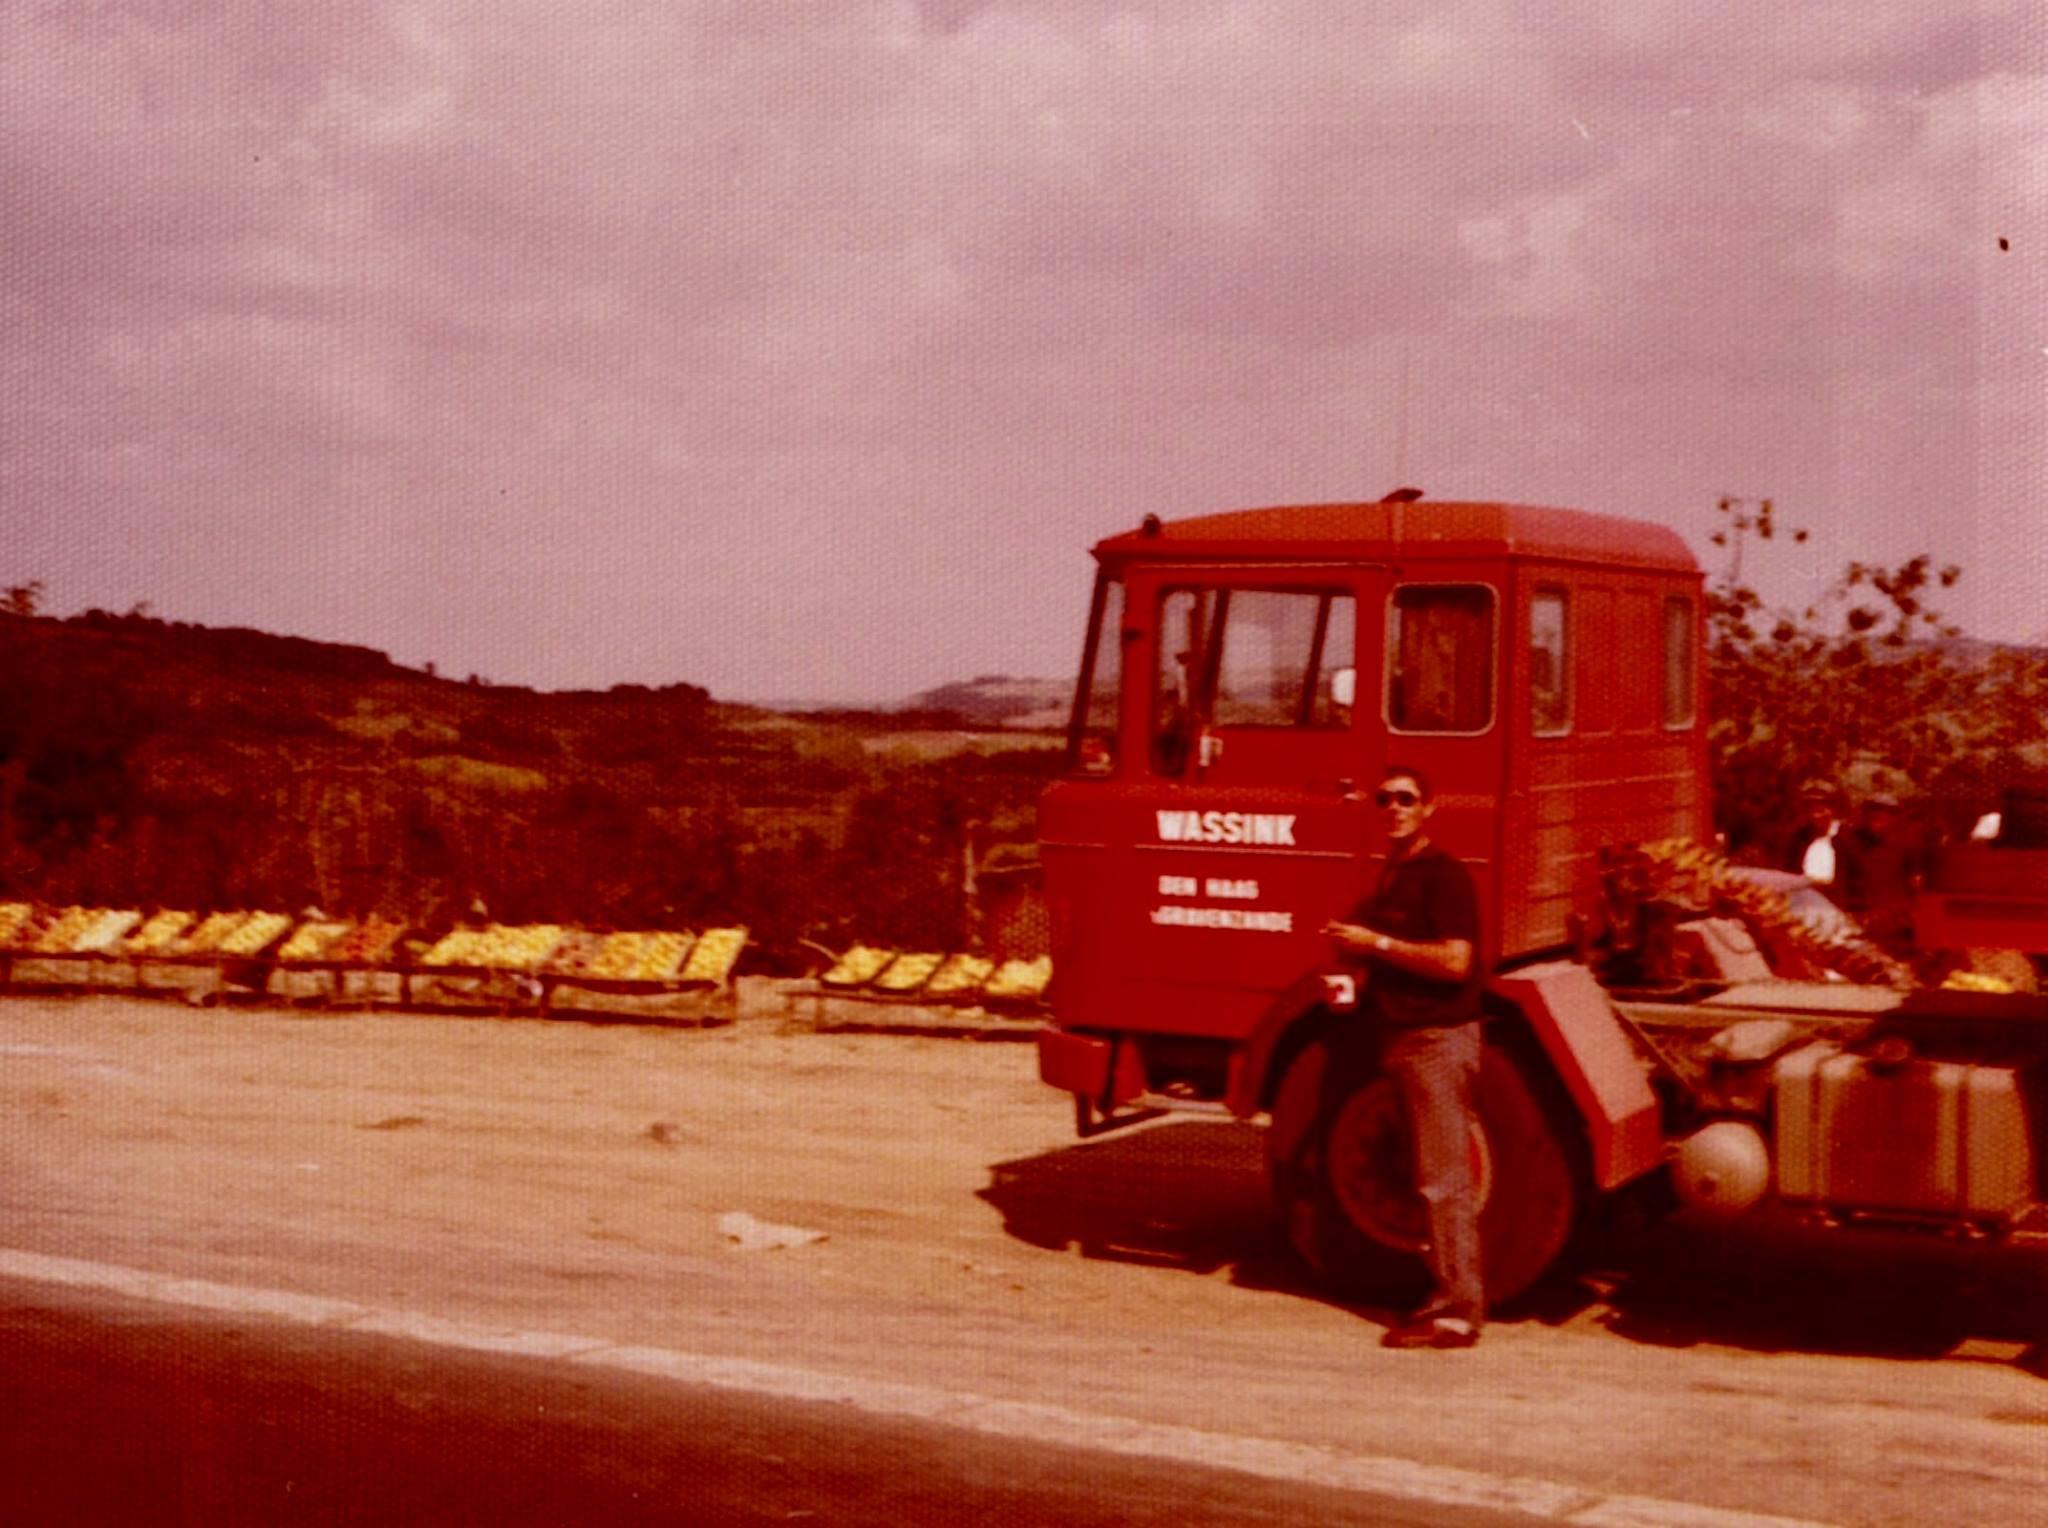 Wim-in-Yugoslavia-op-de-auto-put-ZV-93-57